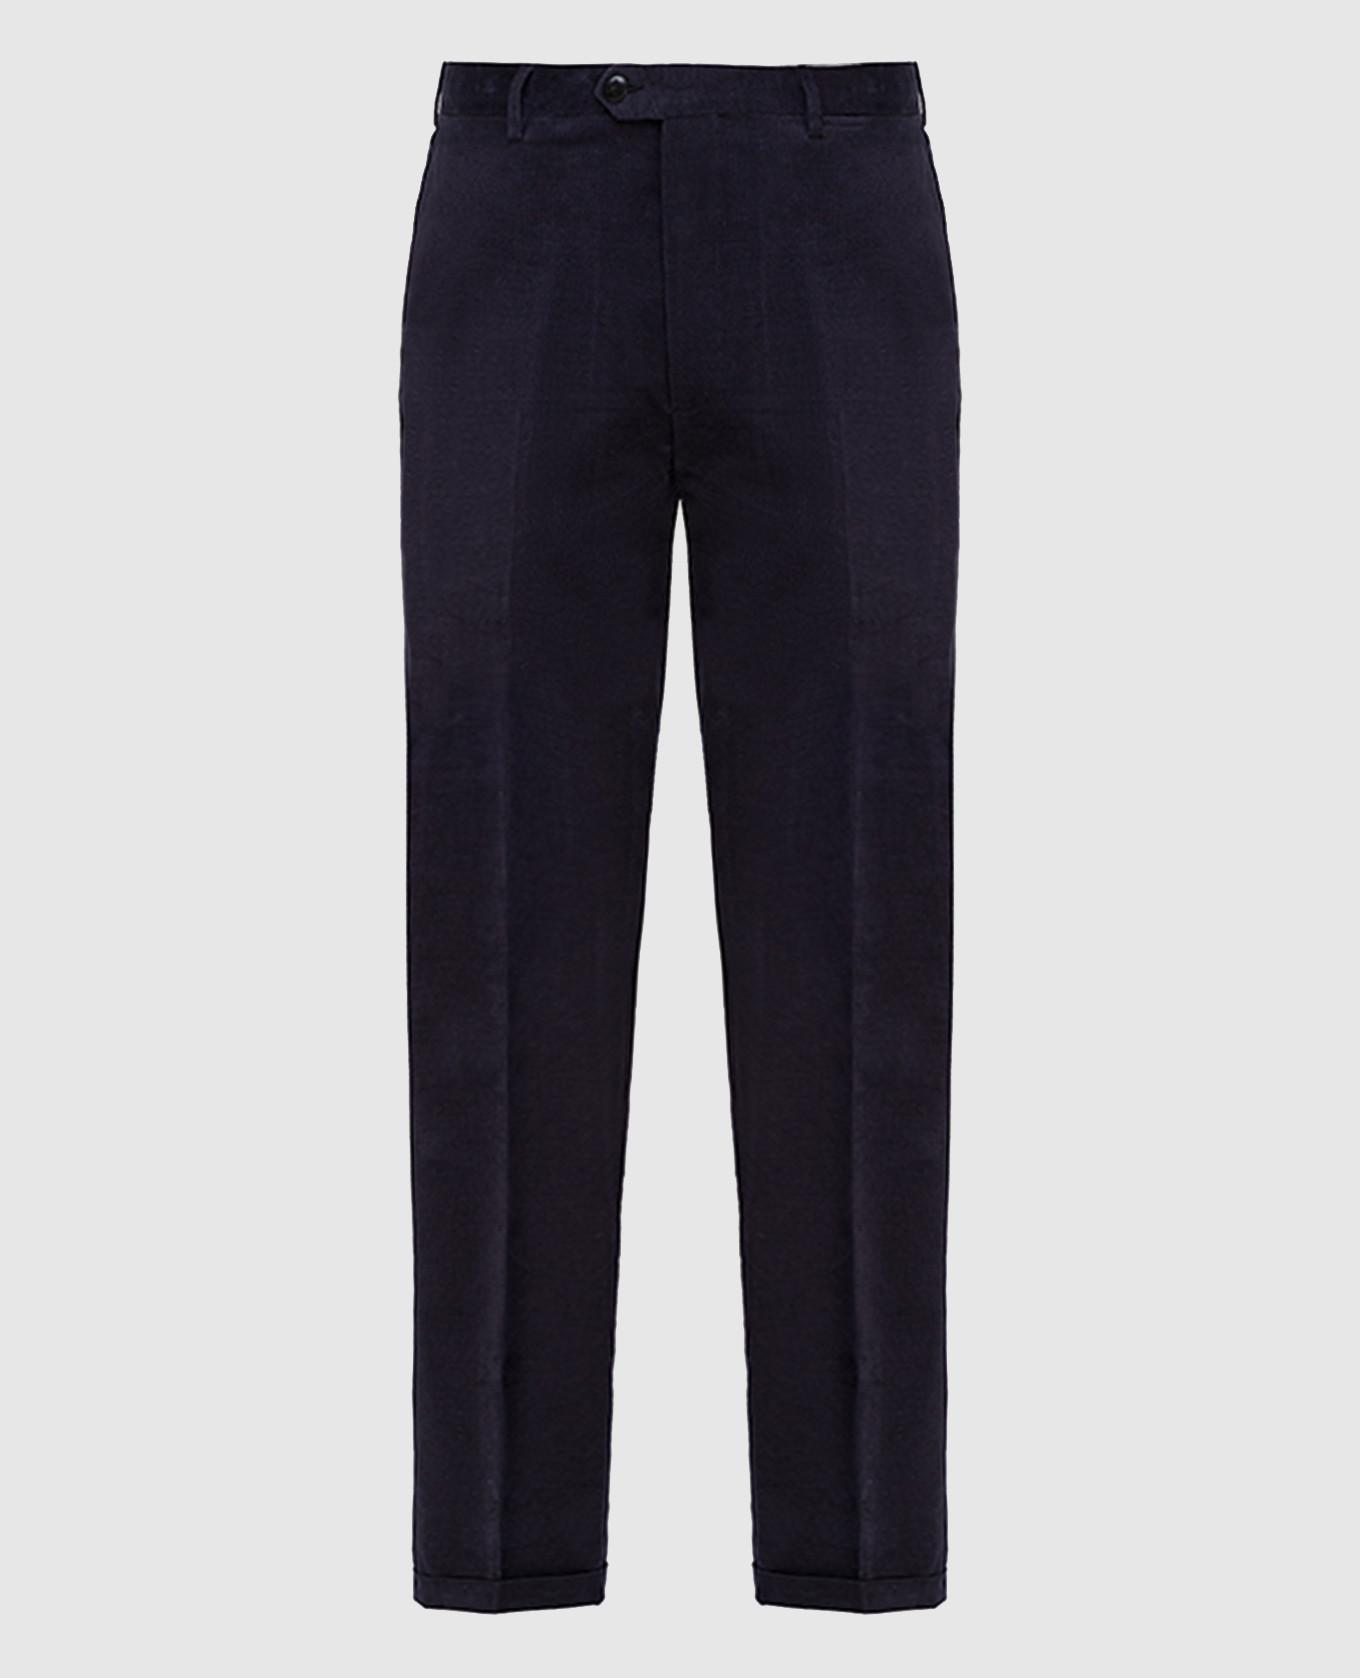 Темно-синие вельветовые брюки